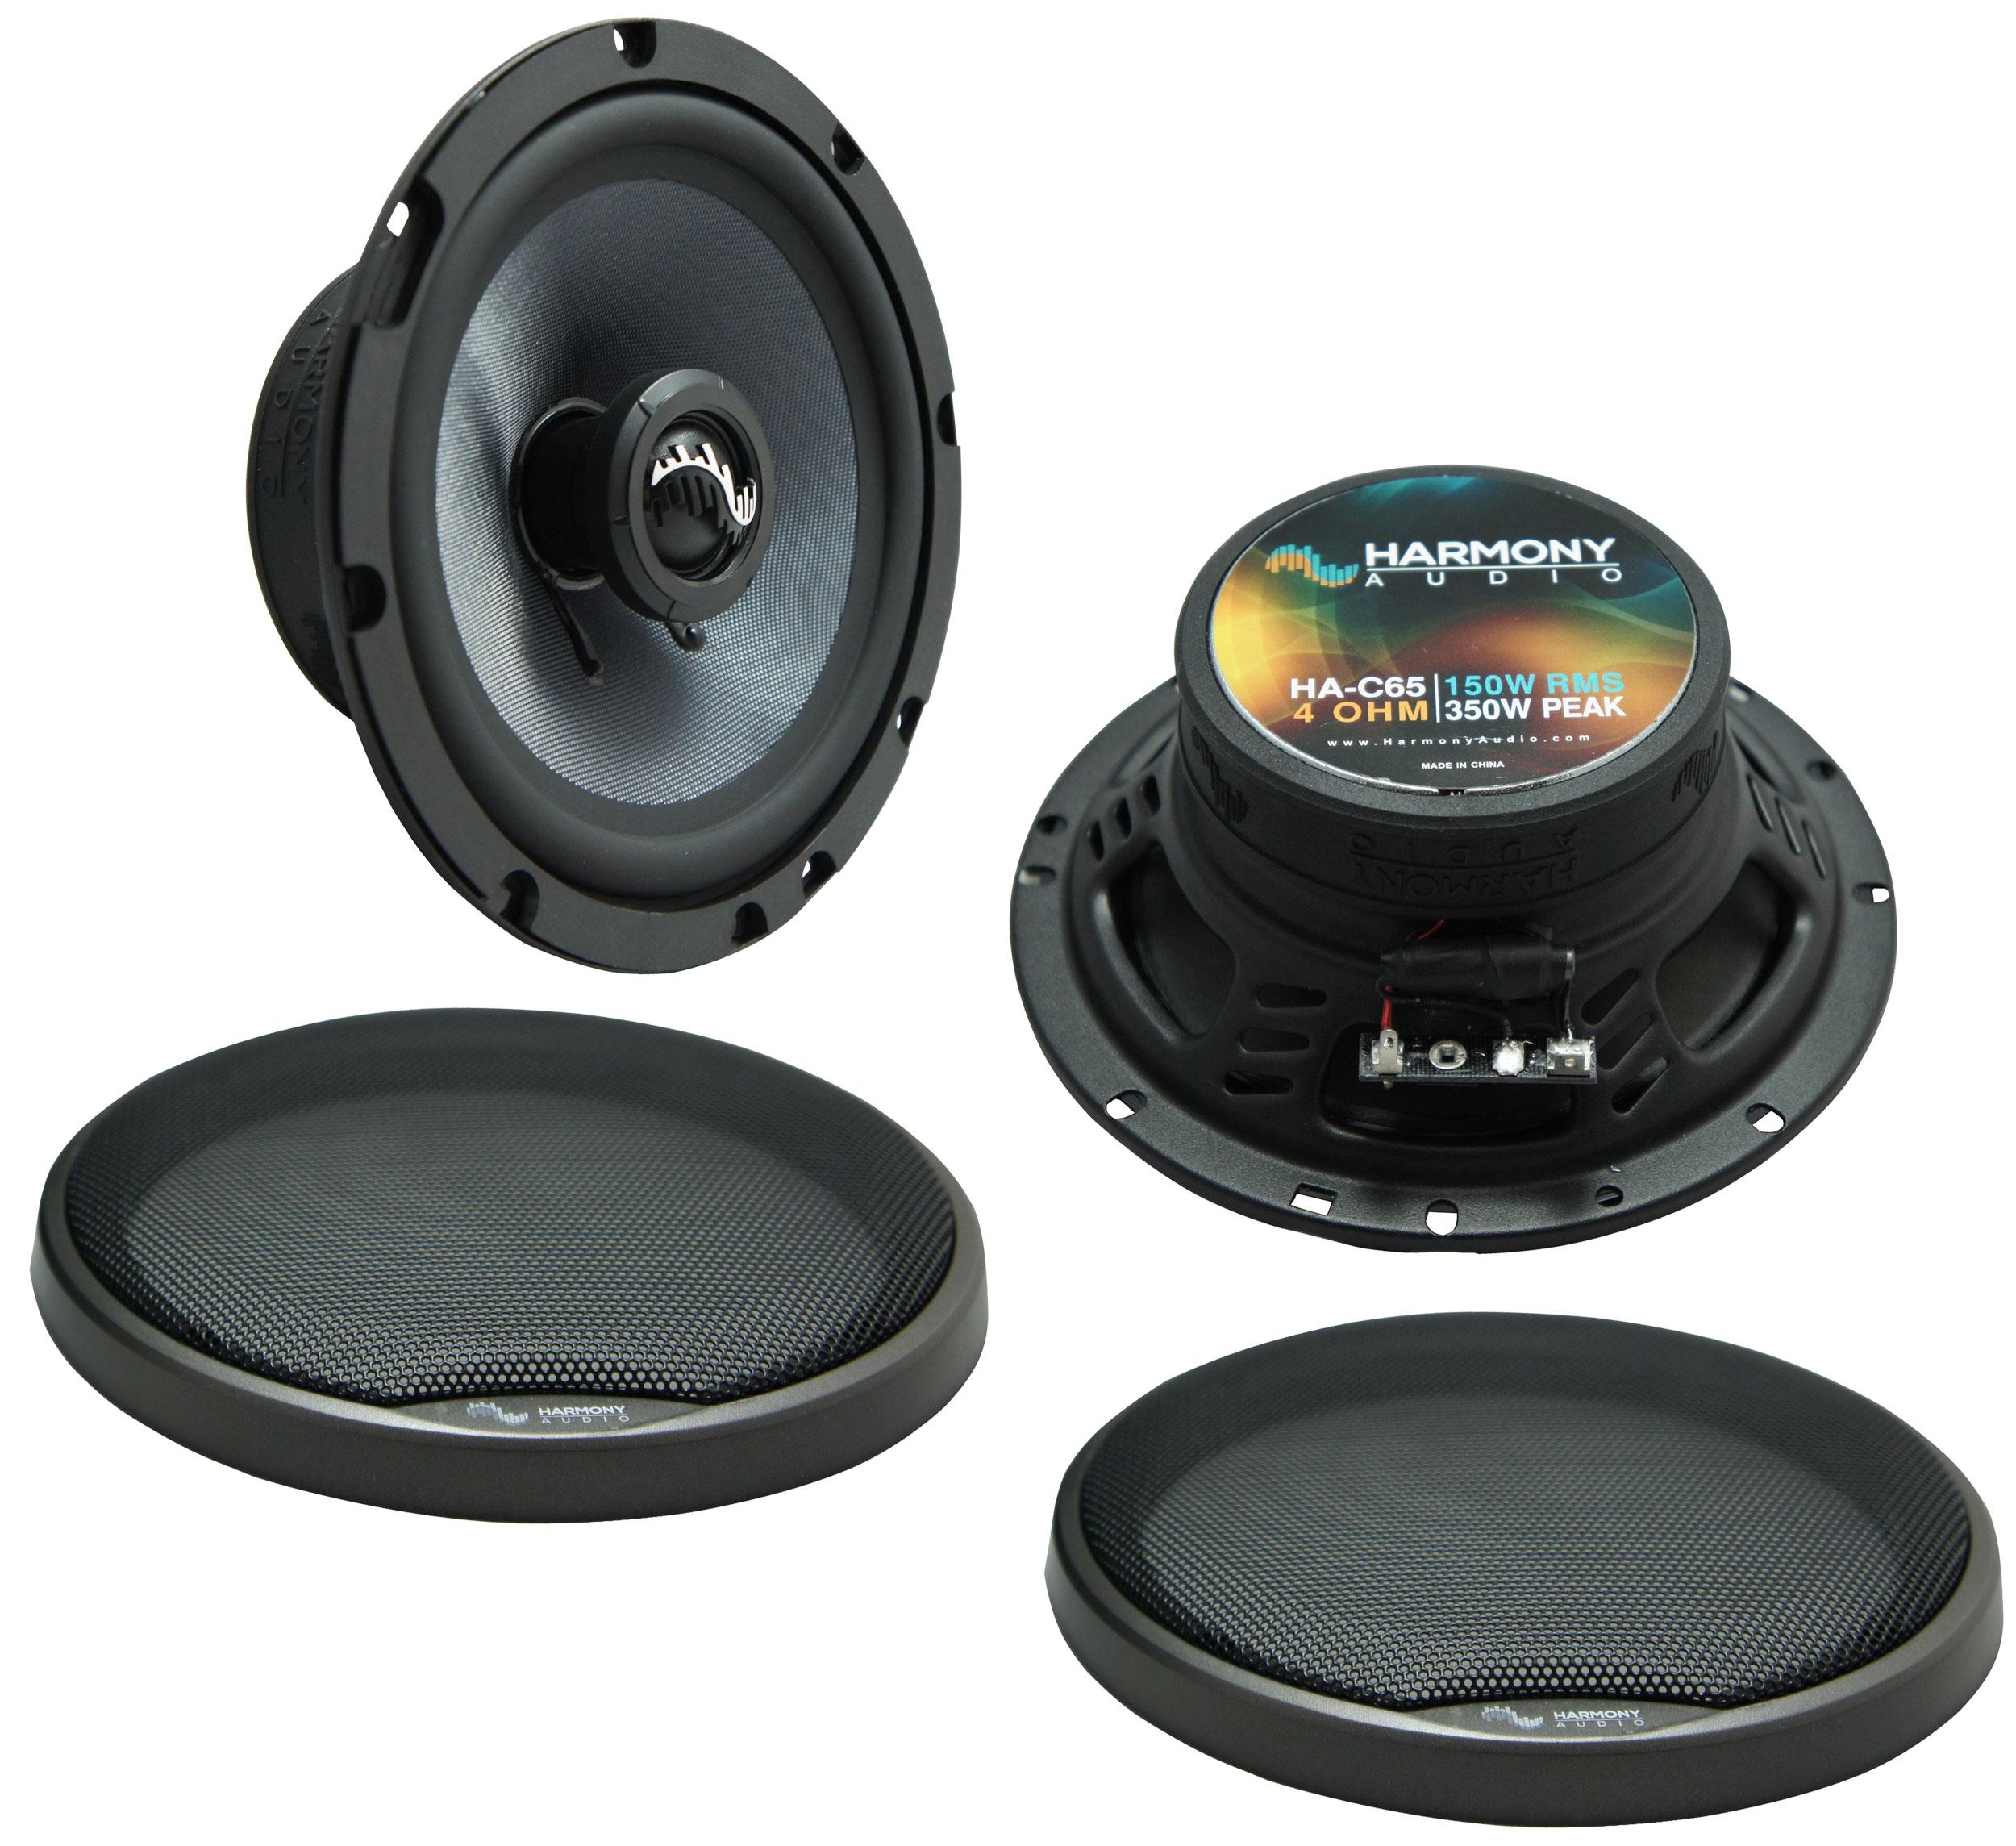 Fits BMW 3 Series 2006-2013 Front Door Replacement Premium Speaker Harmony HA-C65 New